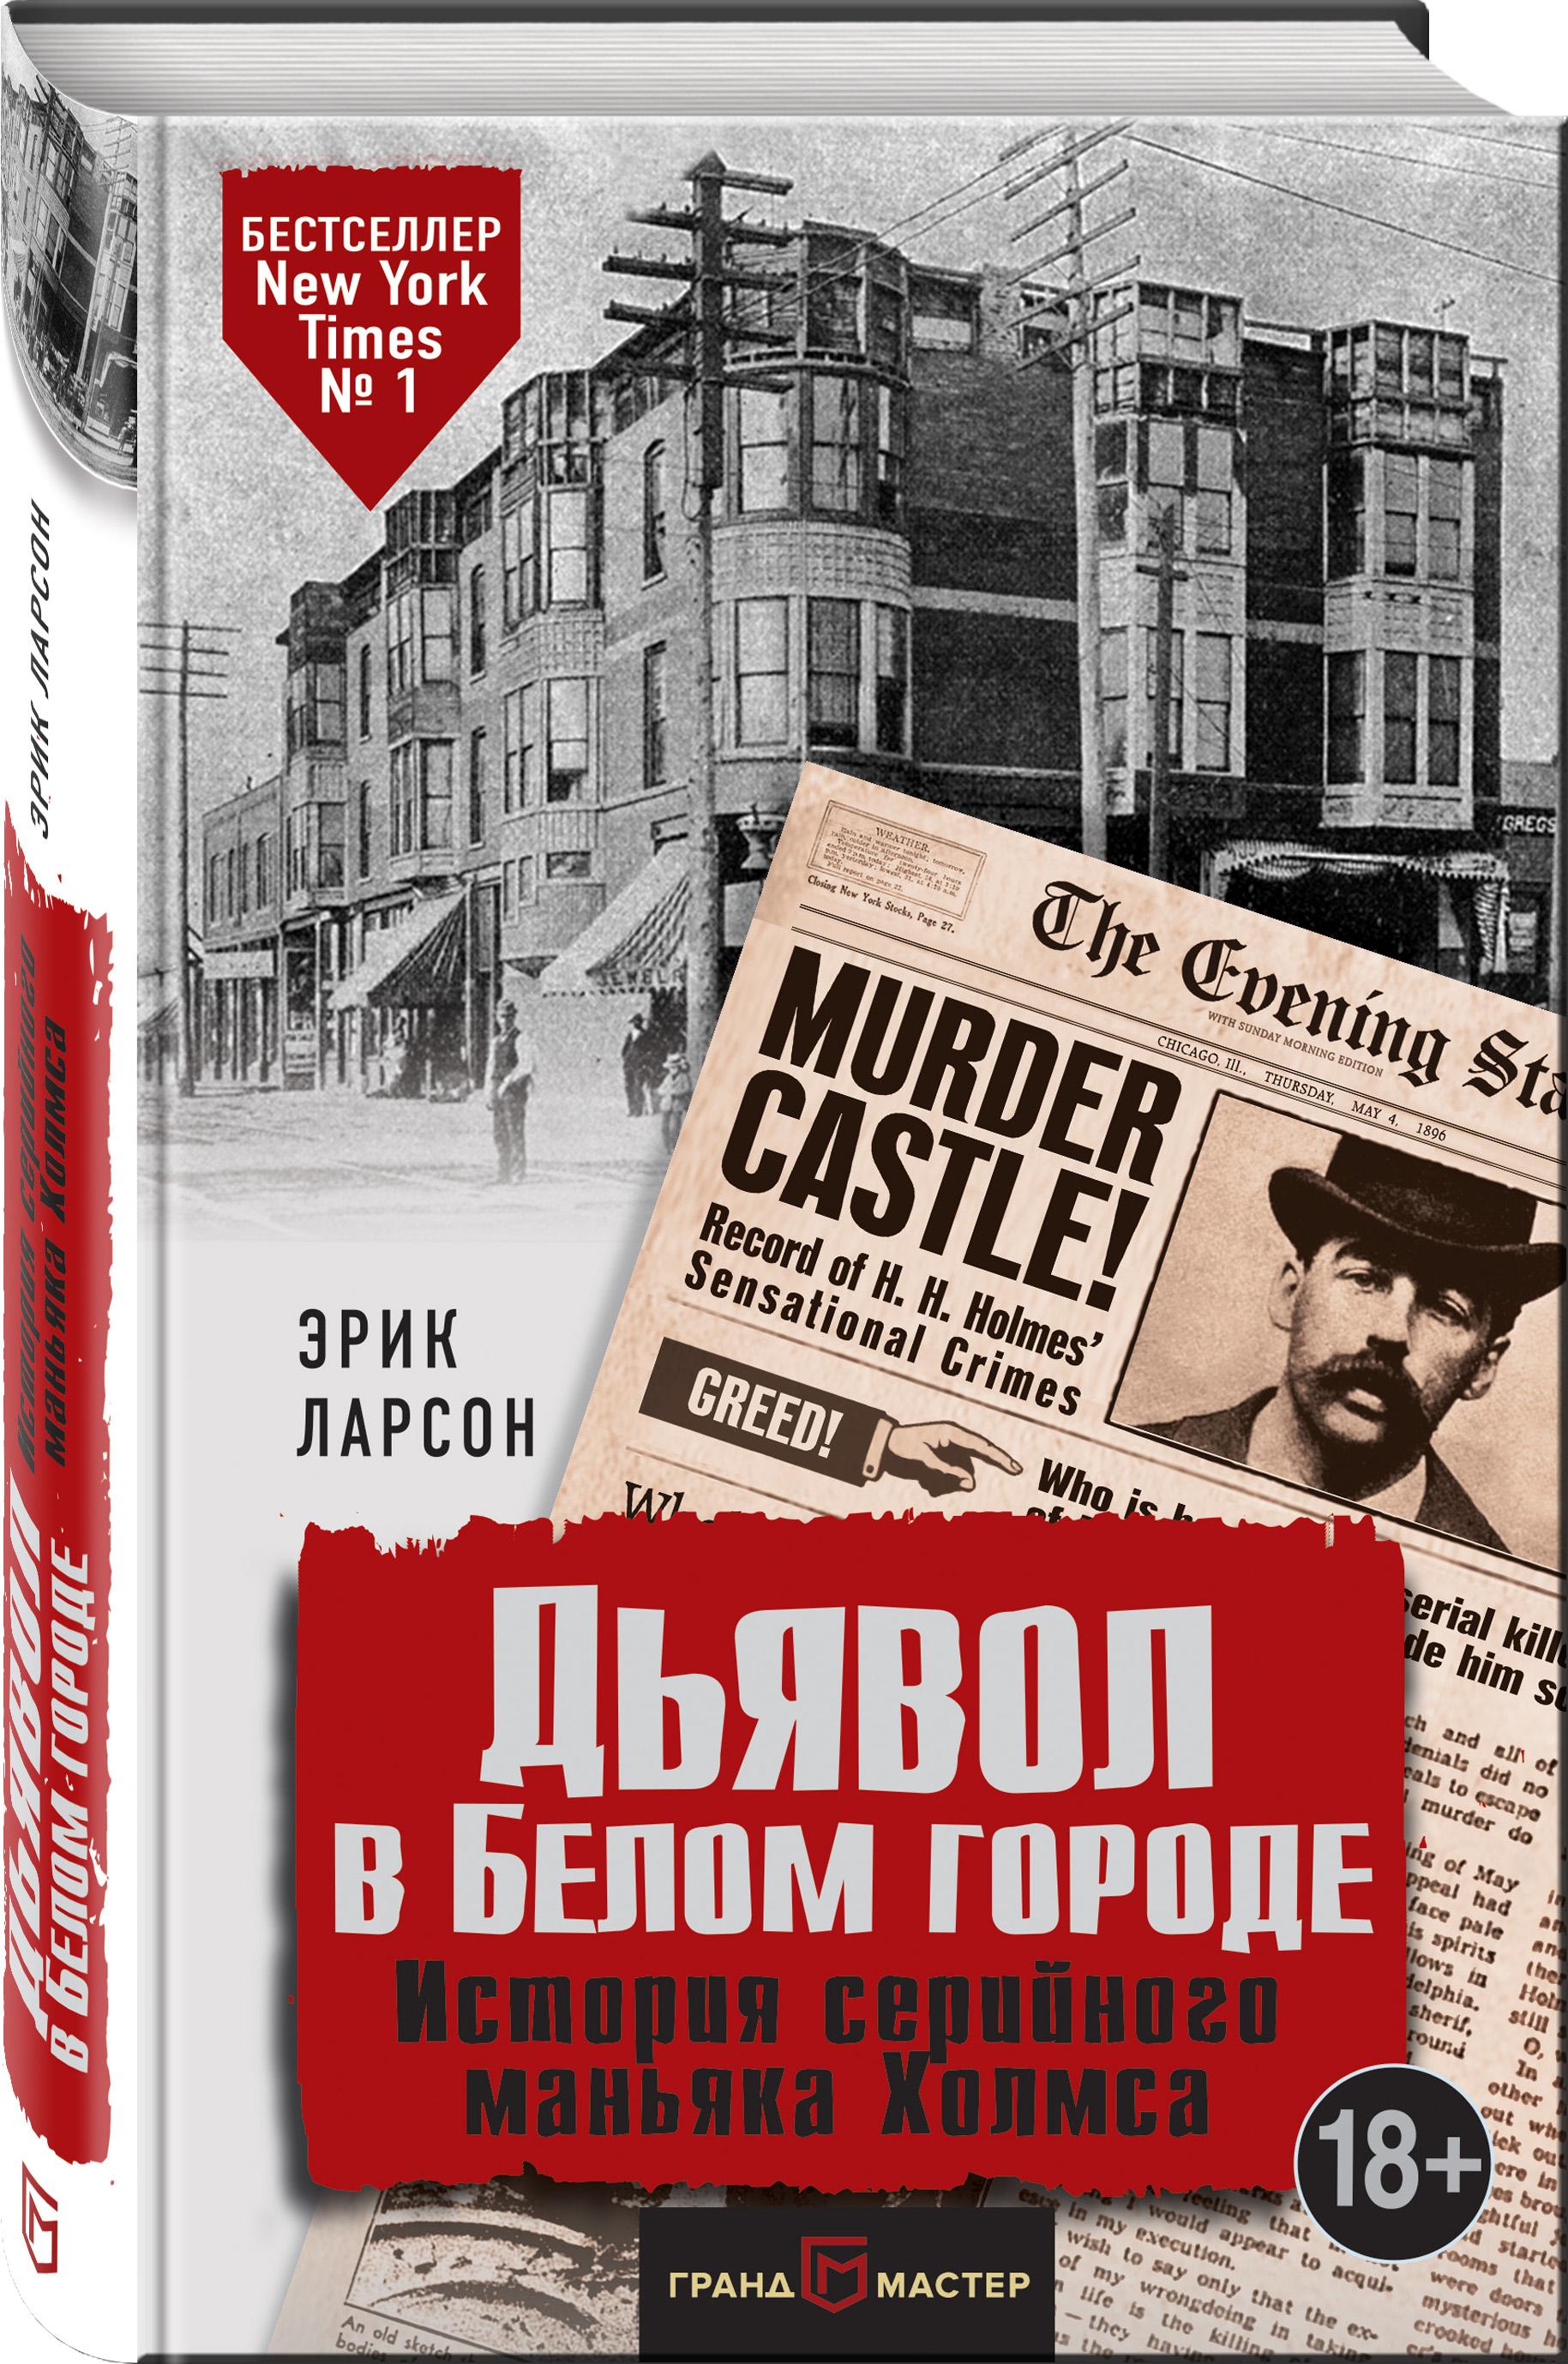 Дьявол в Белом городе. История серийного маньяка Холмса. Эрик Ларсон